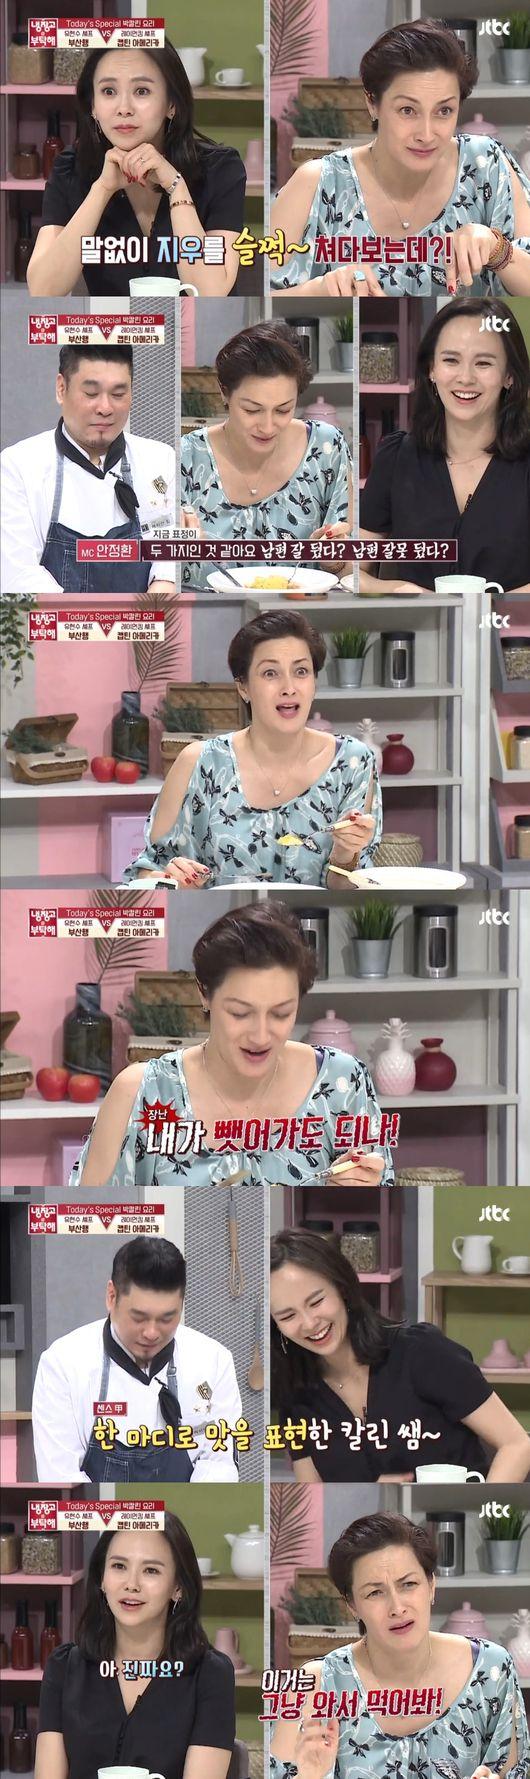 """""""양파 썰 때 멋있어""""..'냉장고' 김지우♥레이먼킴, 박칼린 자극"""